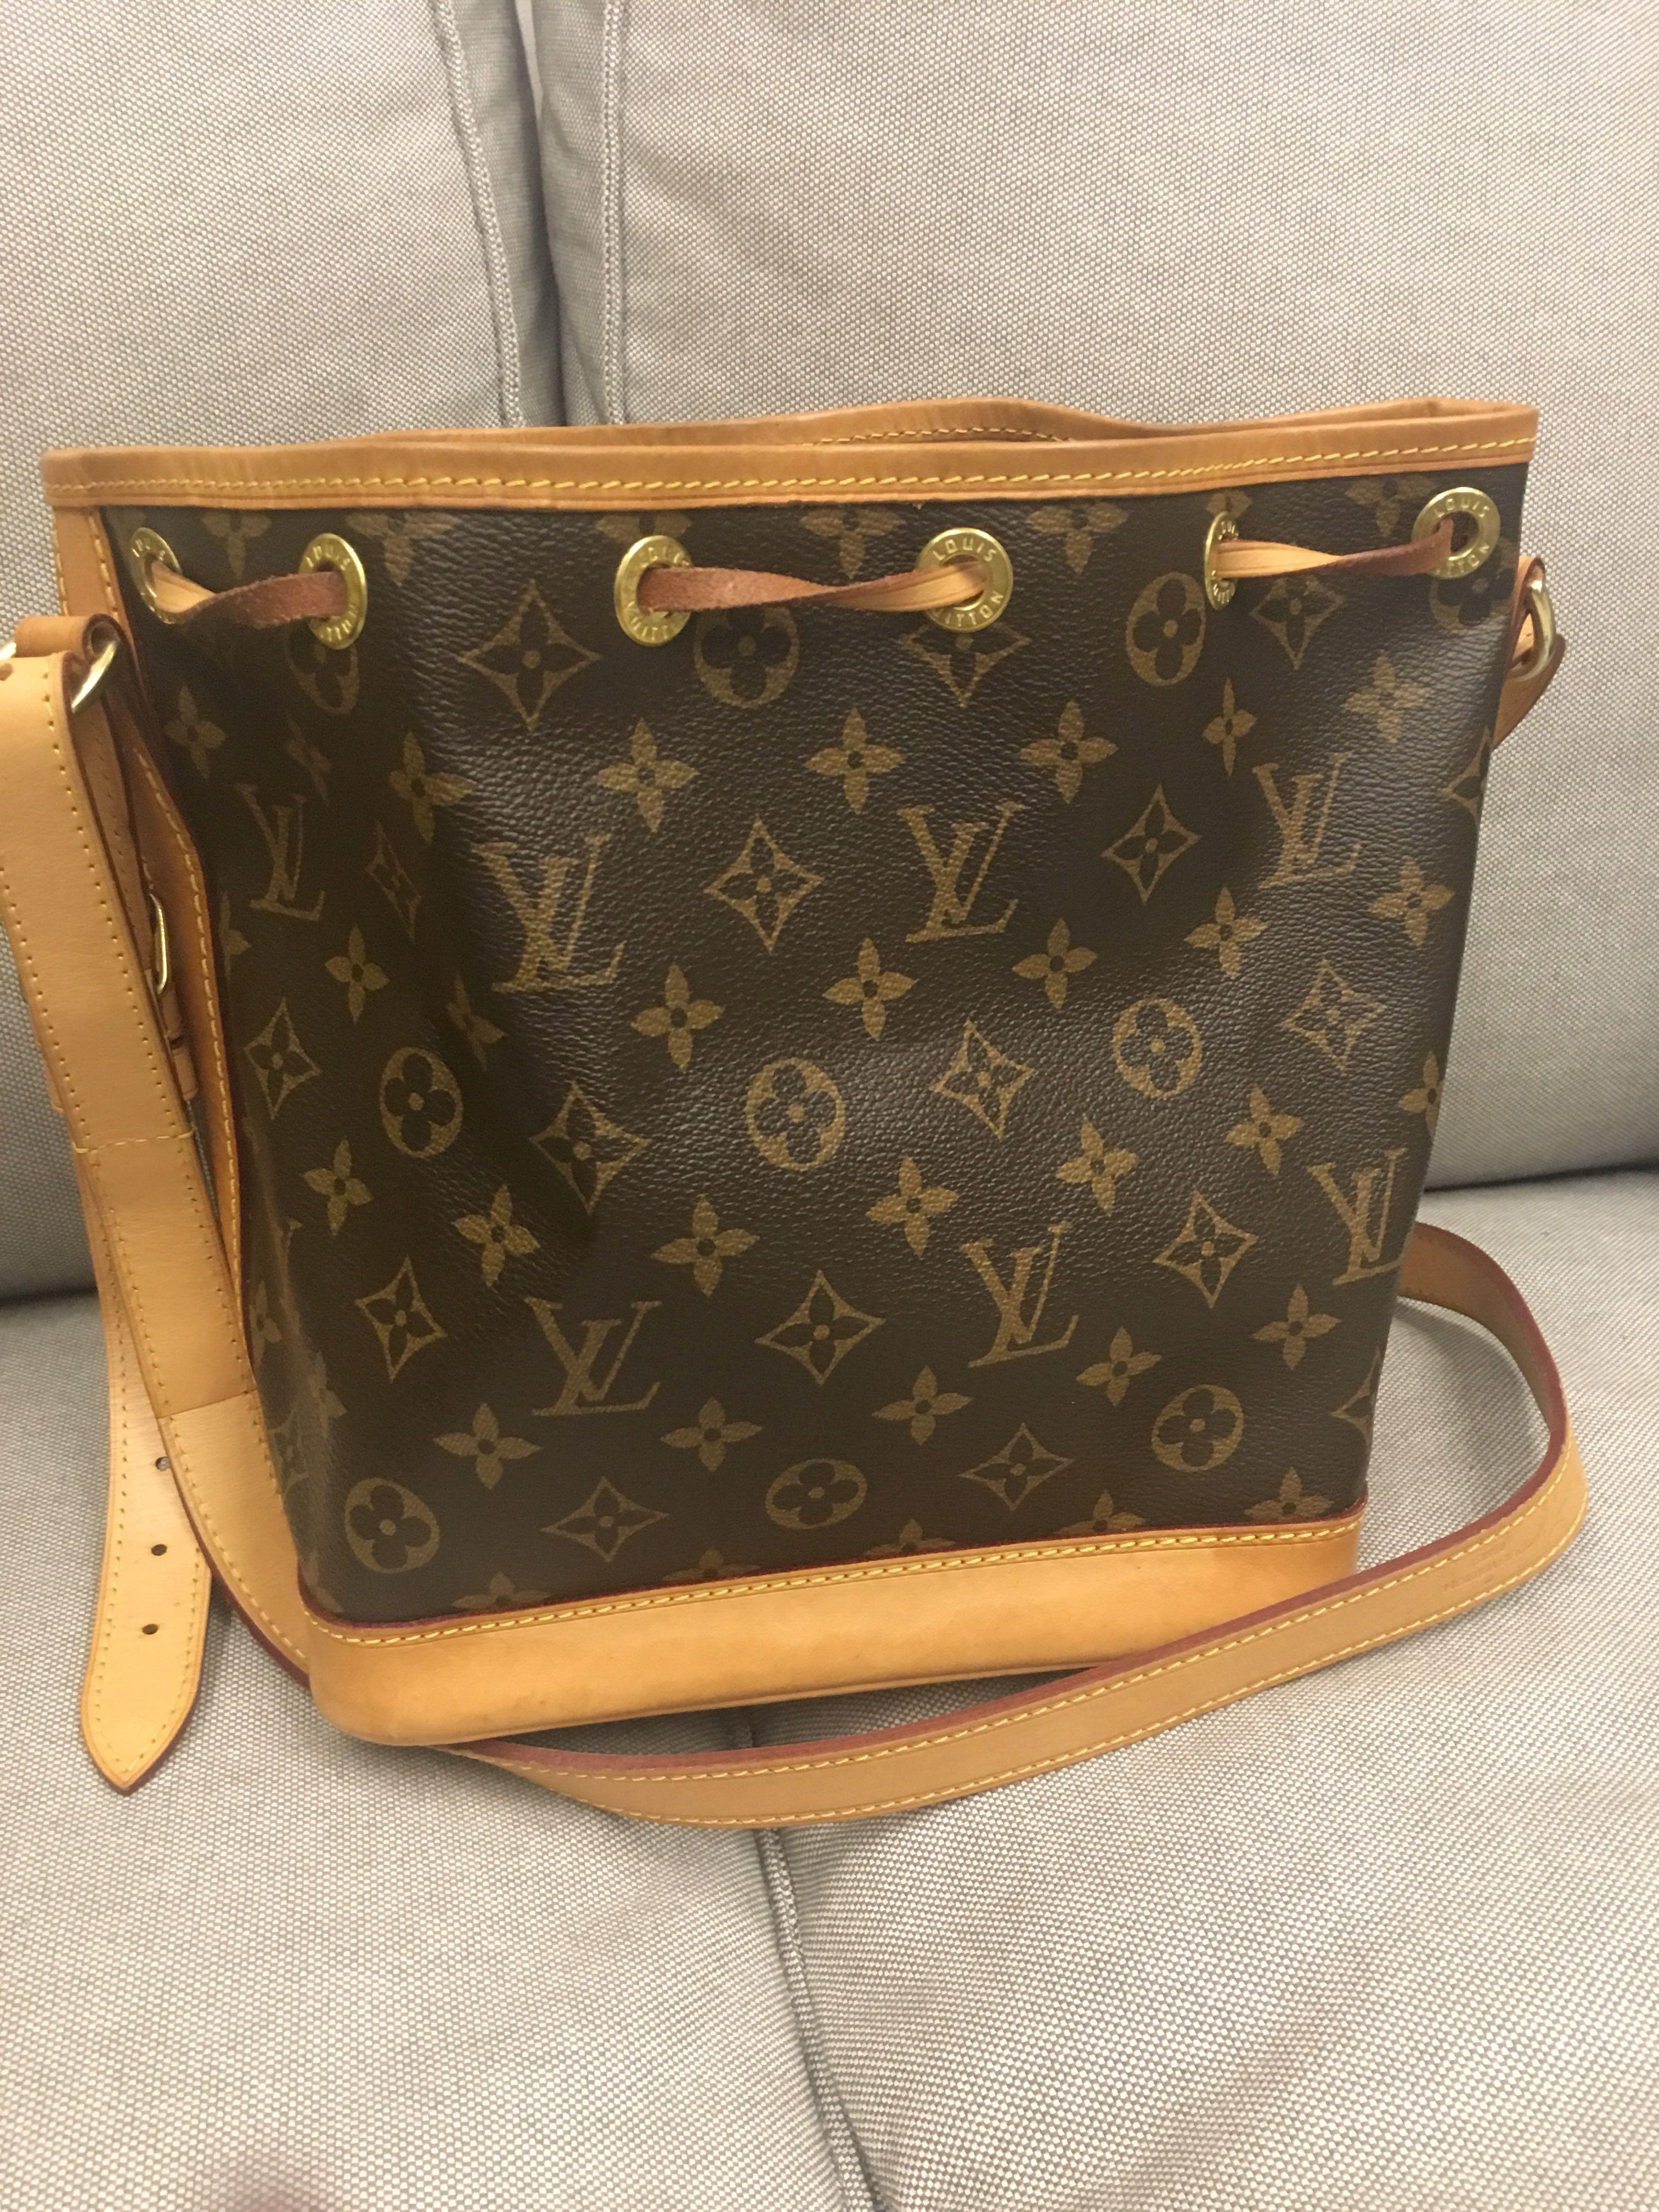 8c3e479d3d Home · Women s Fashion · Bags   Wallets · Handbags. photo photo photo photo  photo